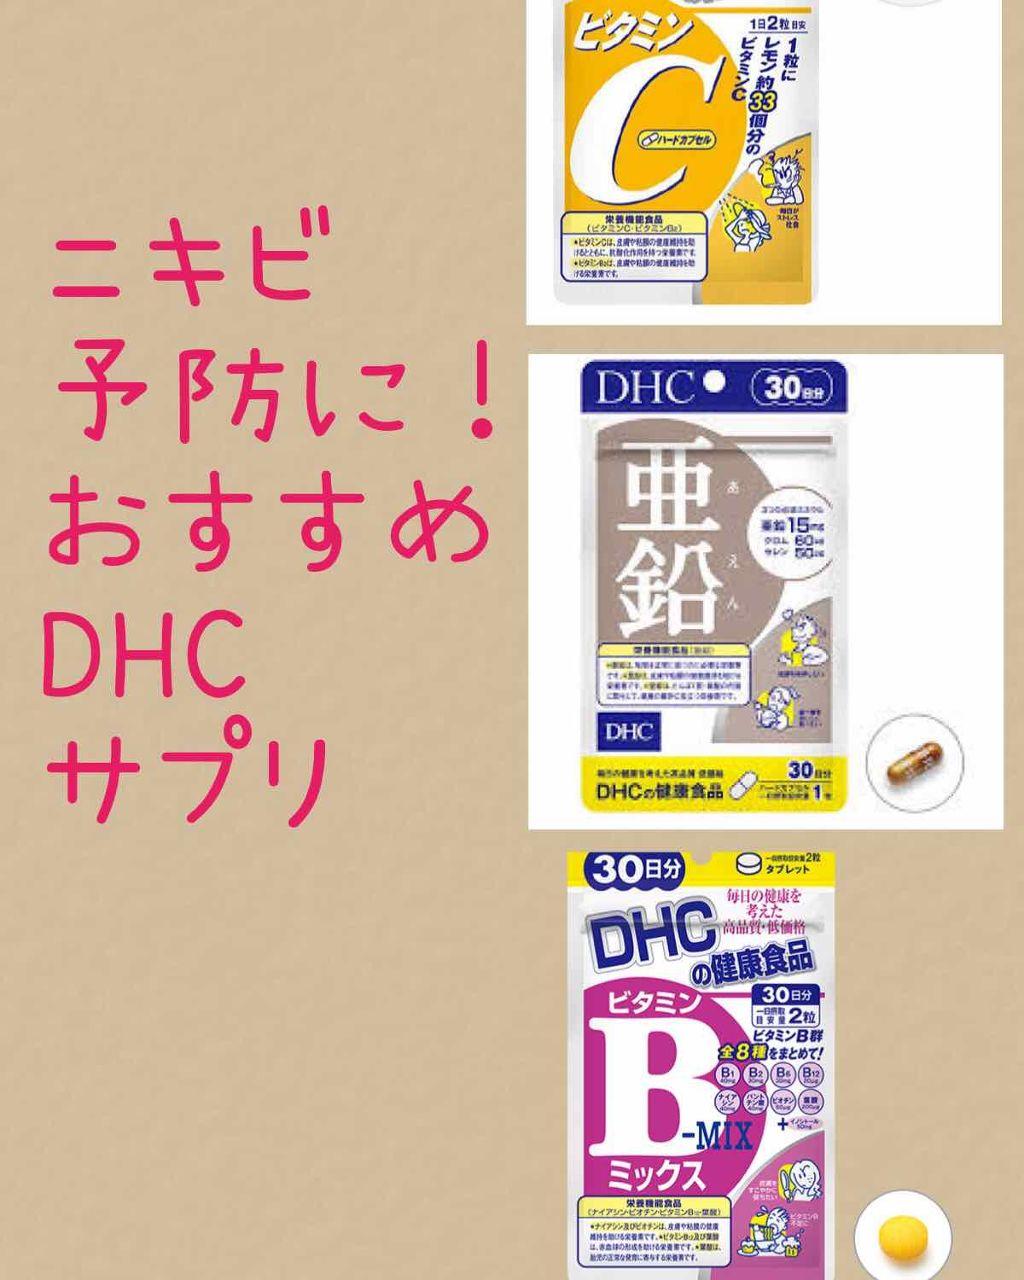 亜鉛 30日分【栄養機能食品(亜鉛)】|DHCを使った口コミ ...